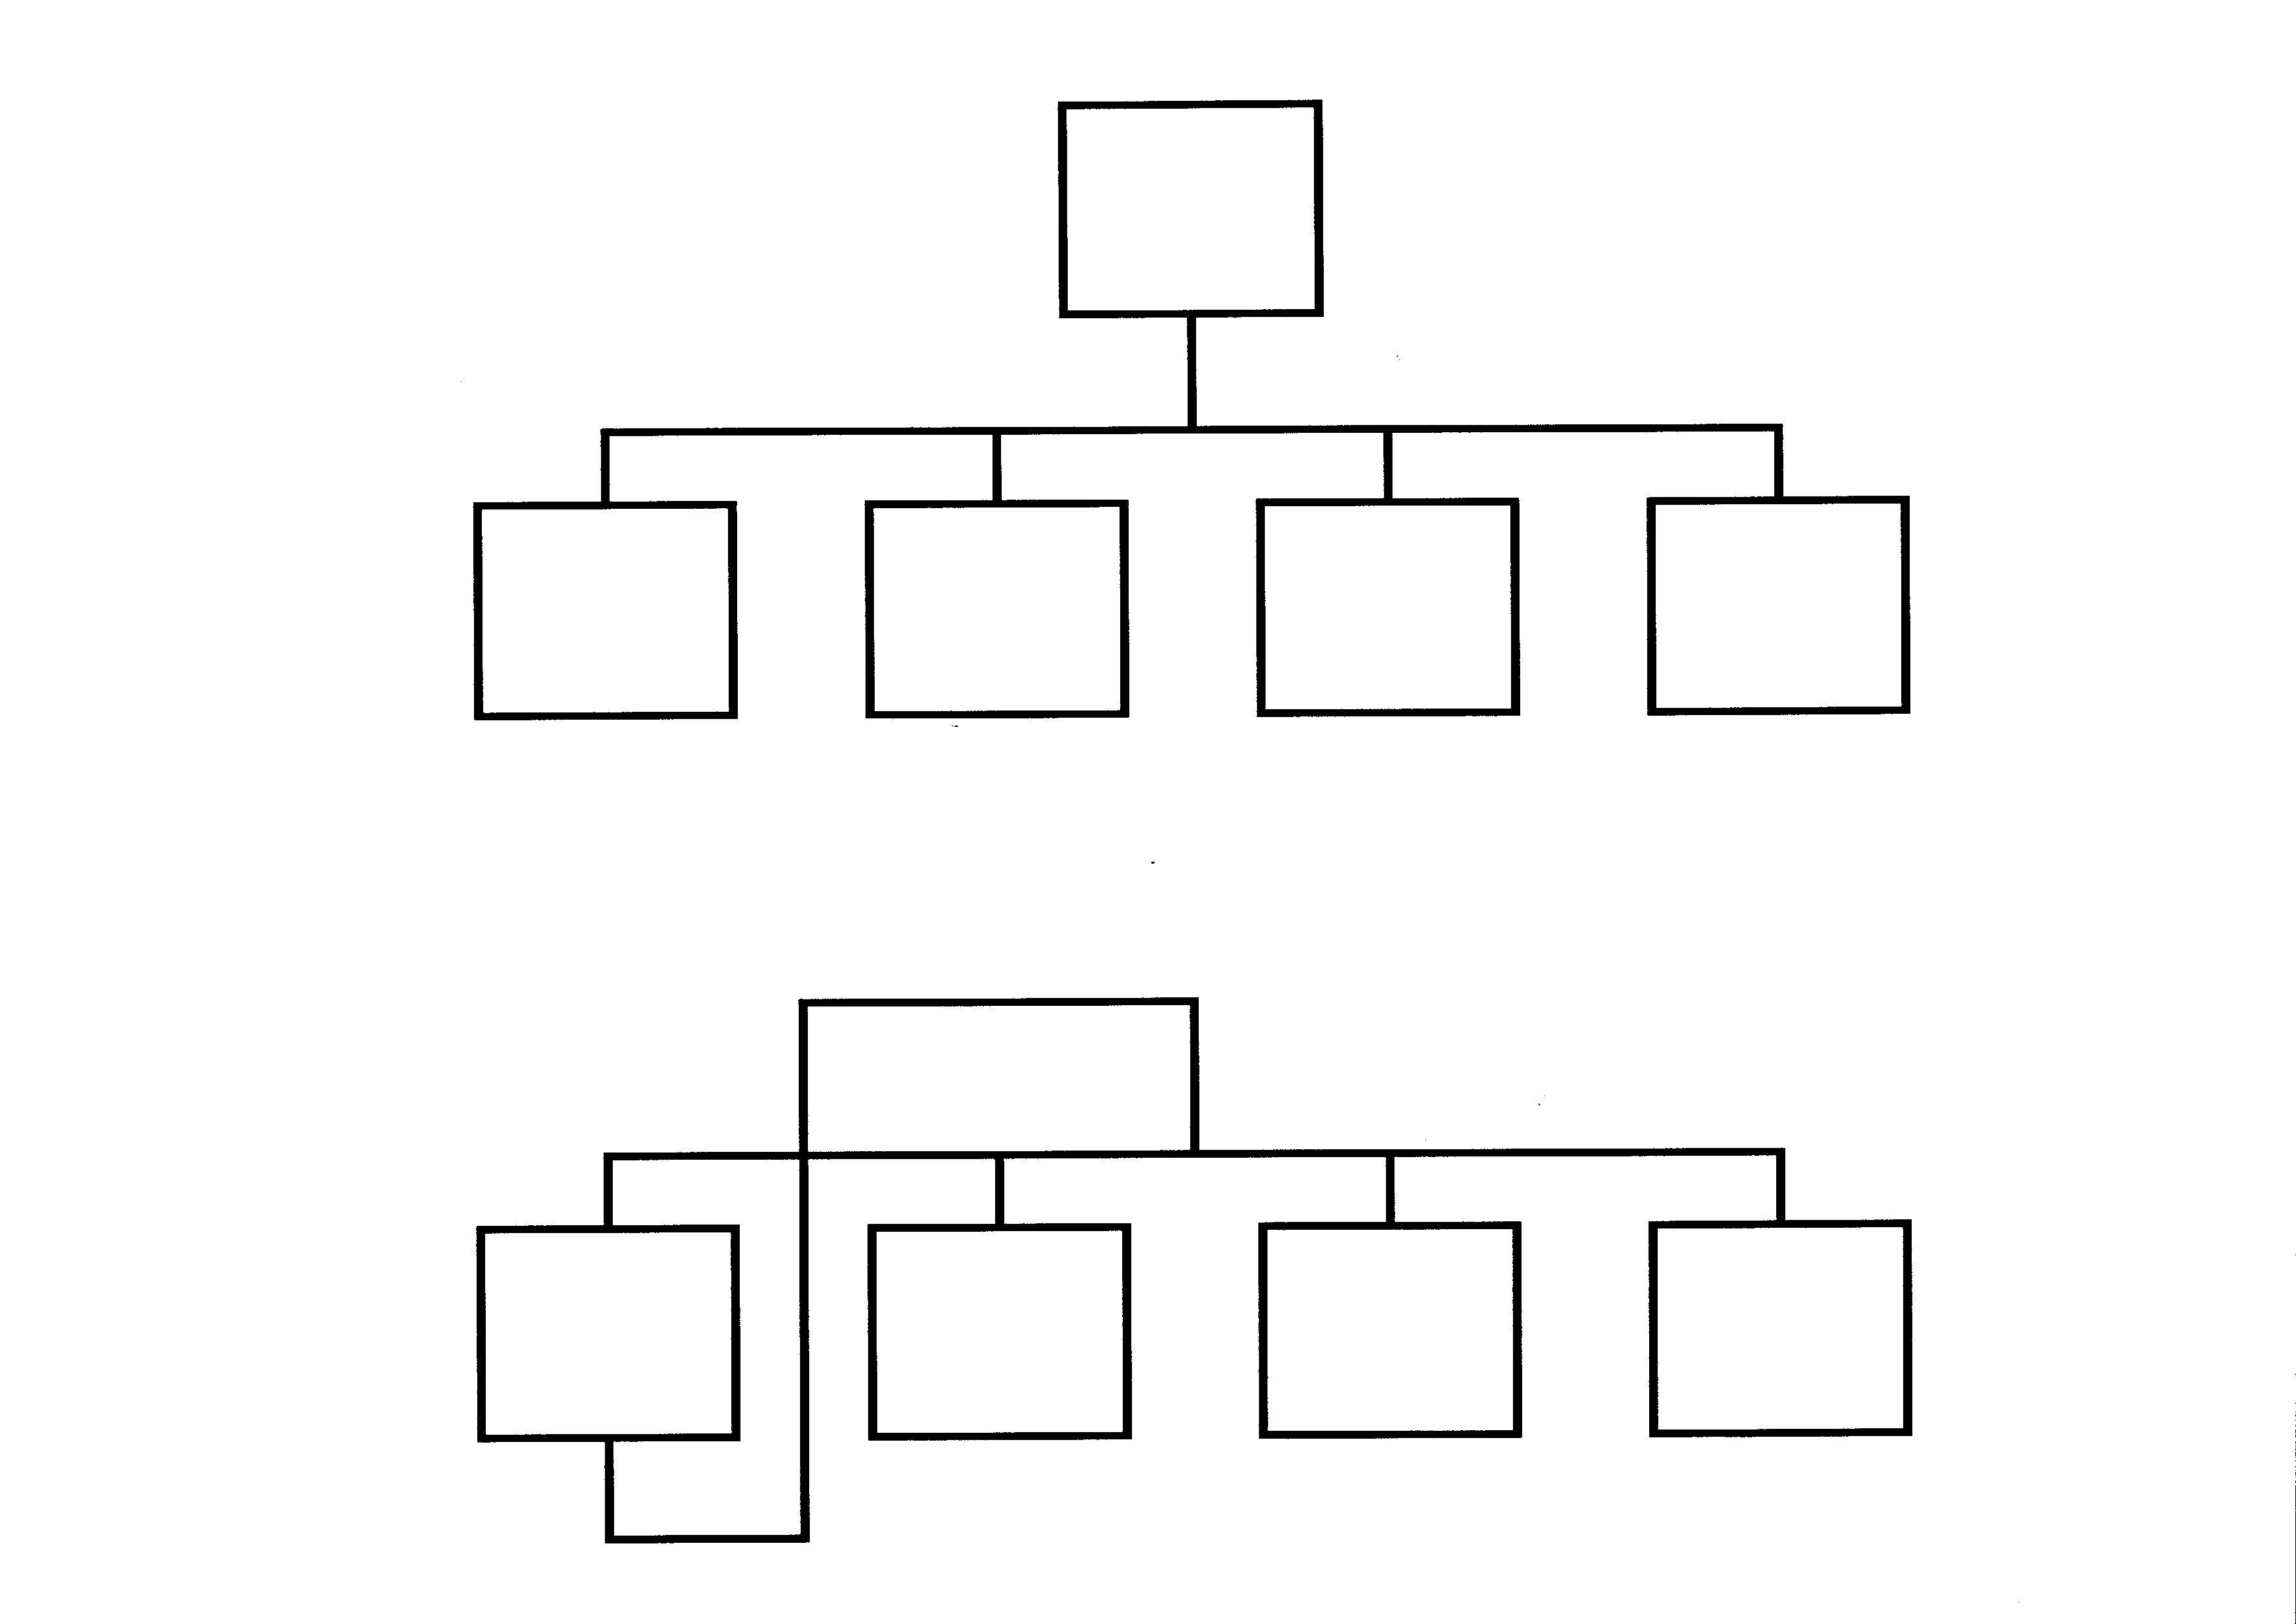 organization-charts1